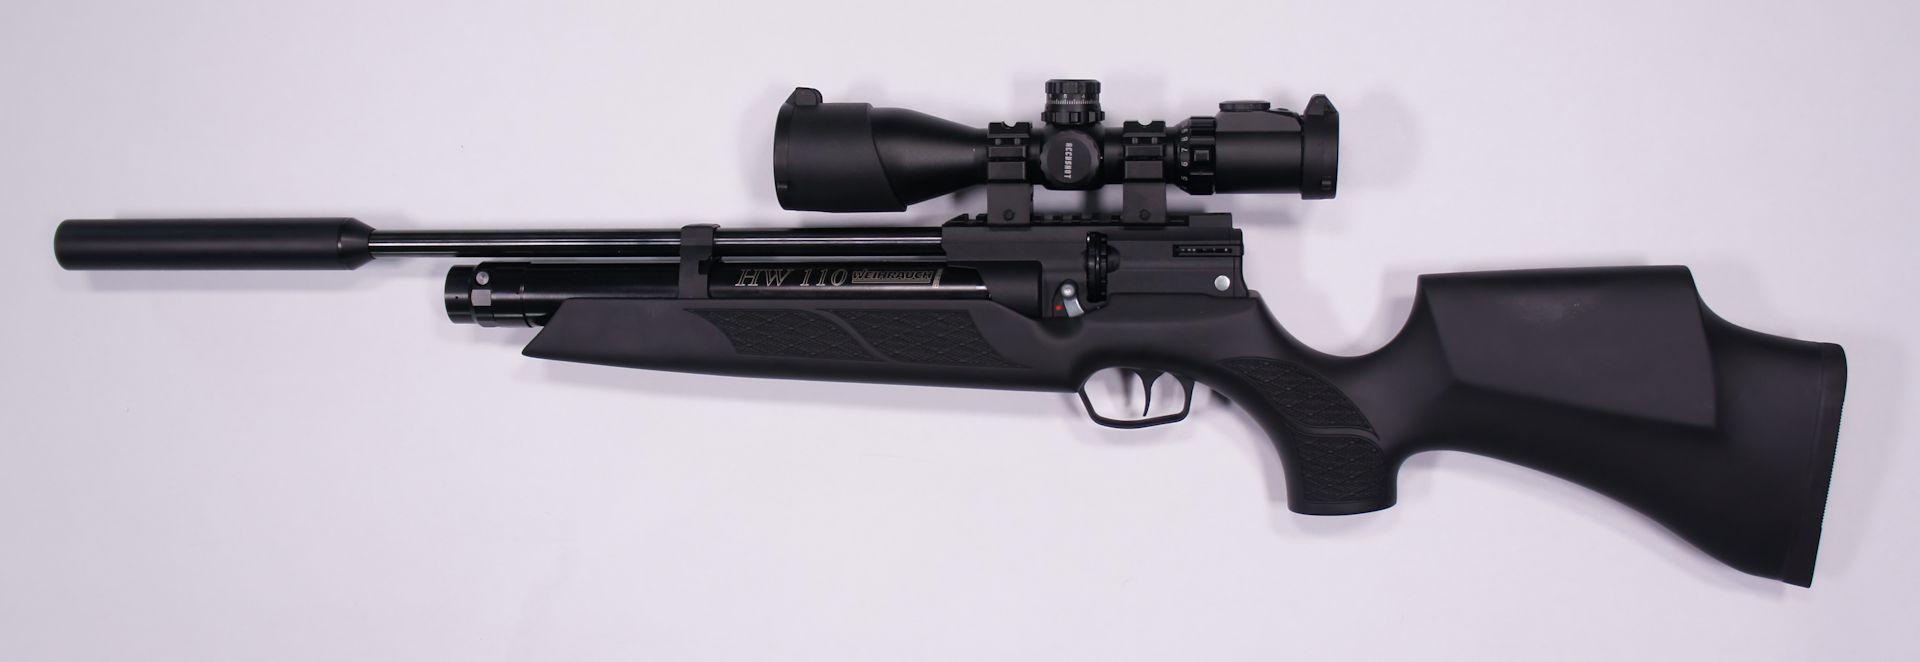 Weihrauch HW 110 ST mit Schalldämpfer und Zielfernrohr UTG 3-12x44